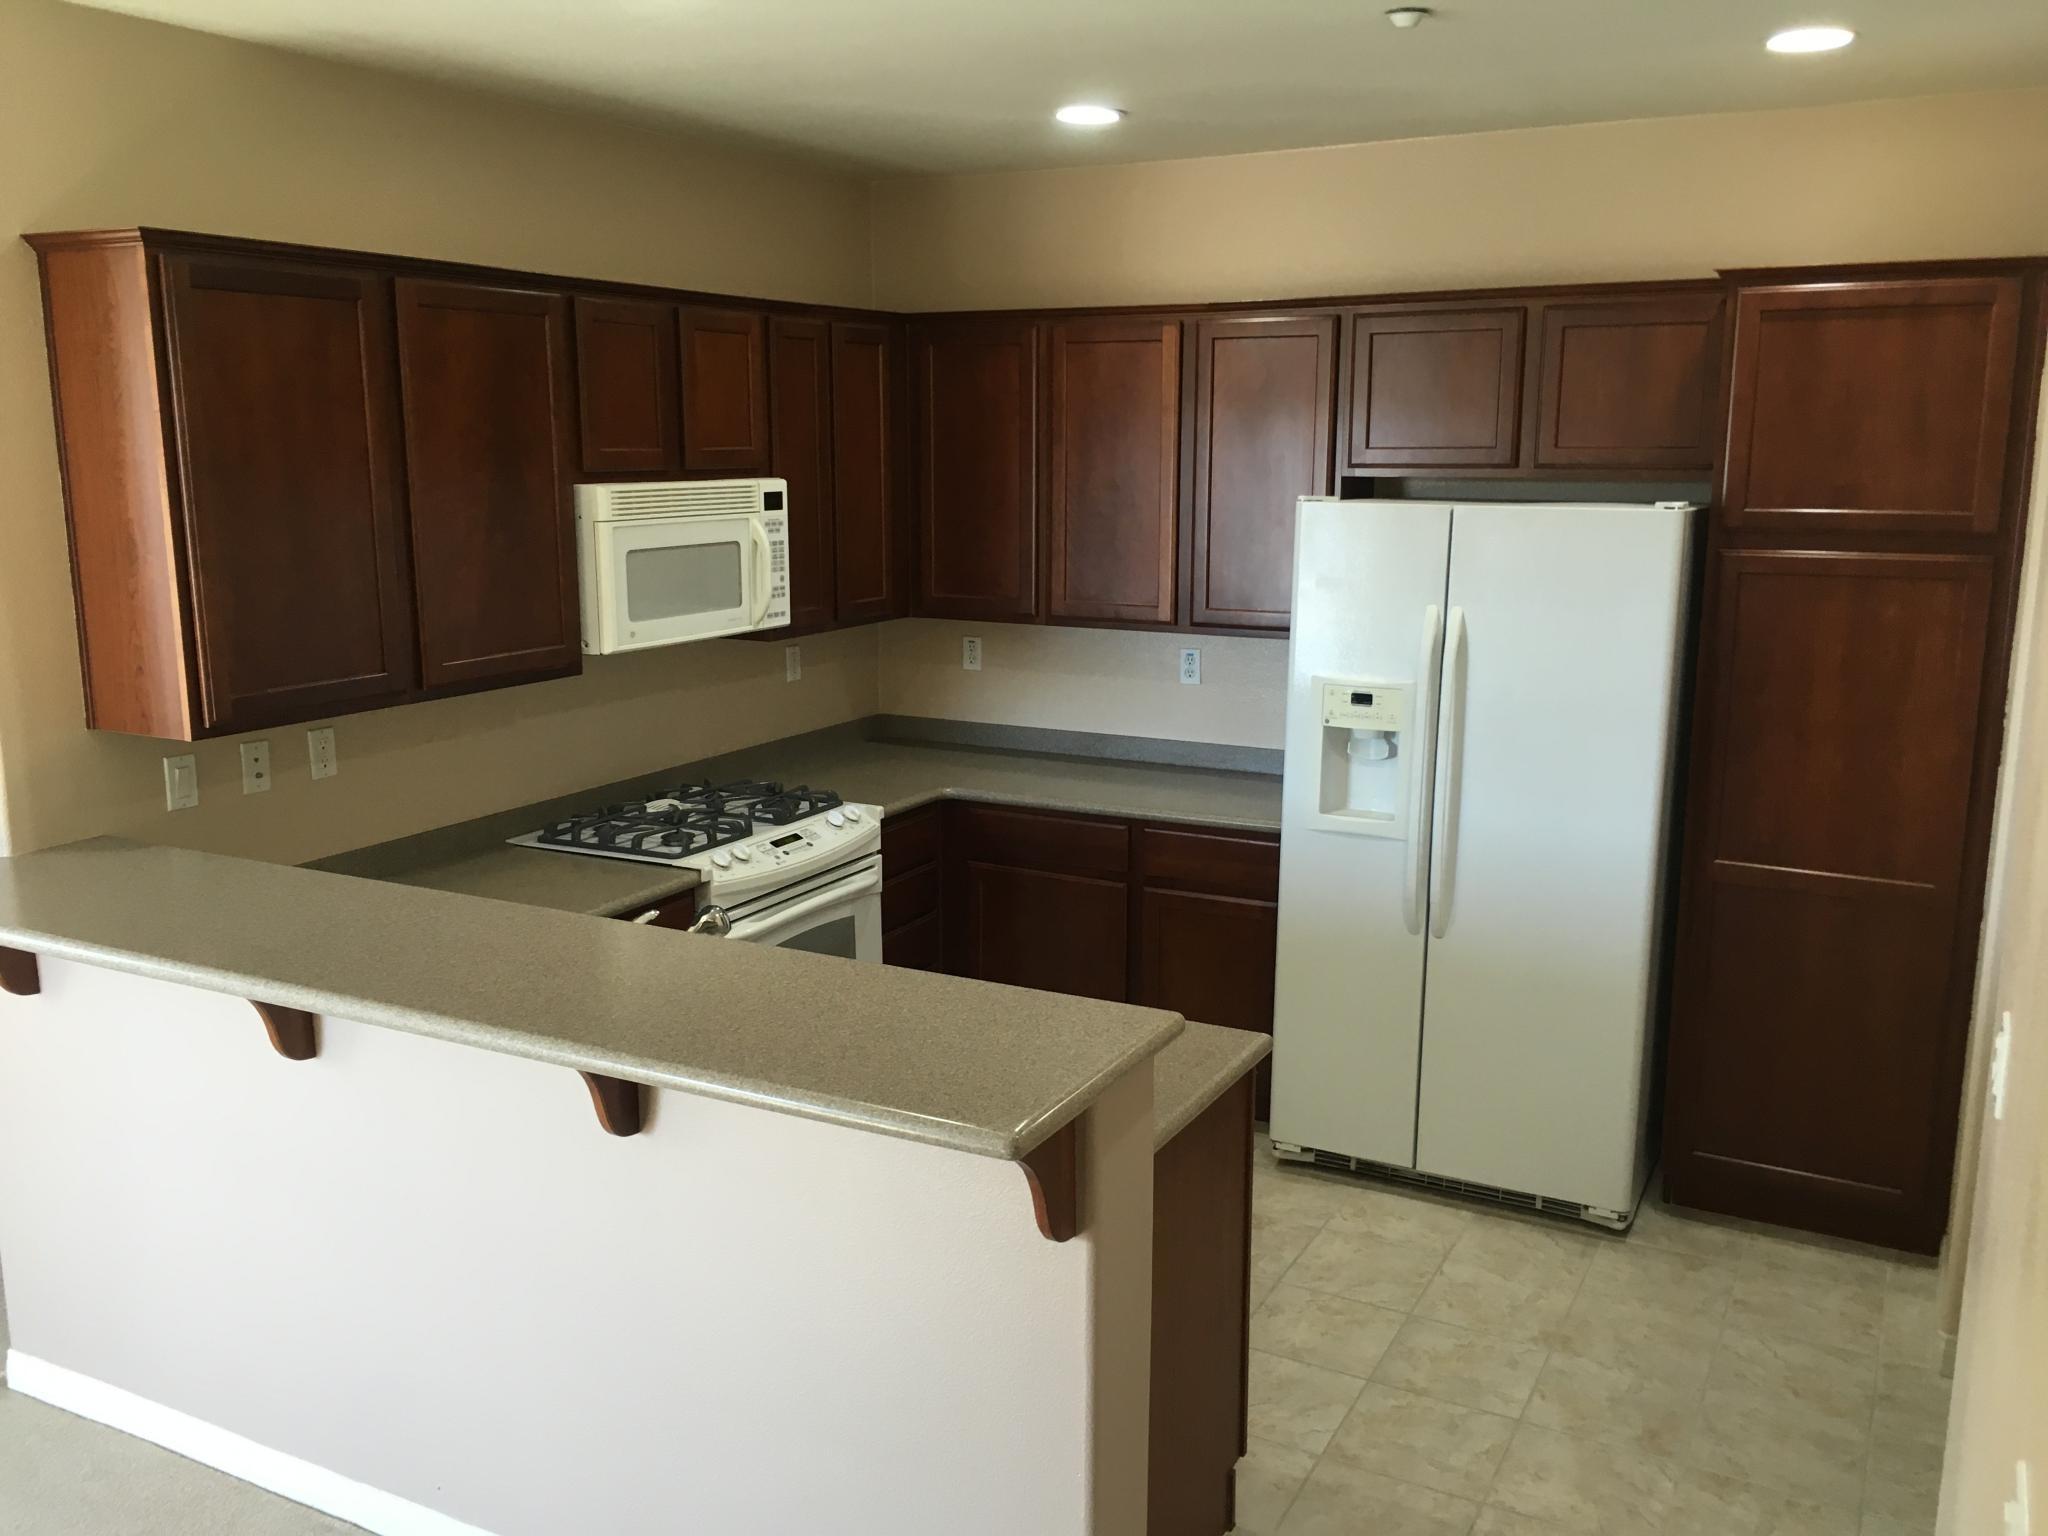 1409 Rosemonde Ln, Santee, CA 92071 For Rent | Trulia